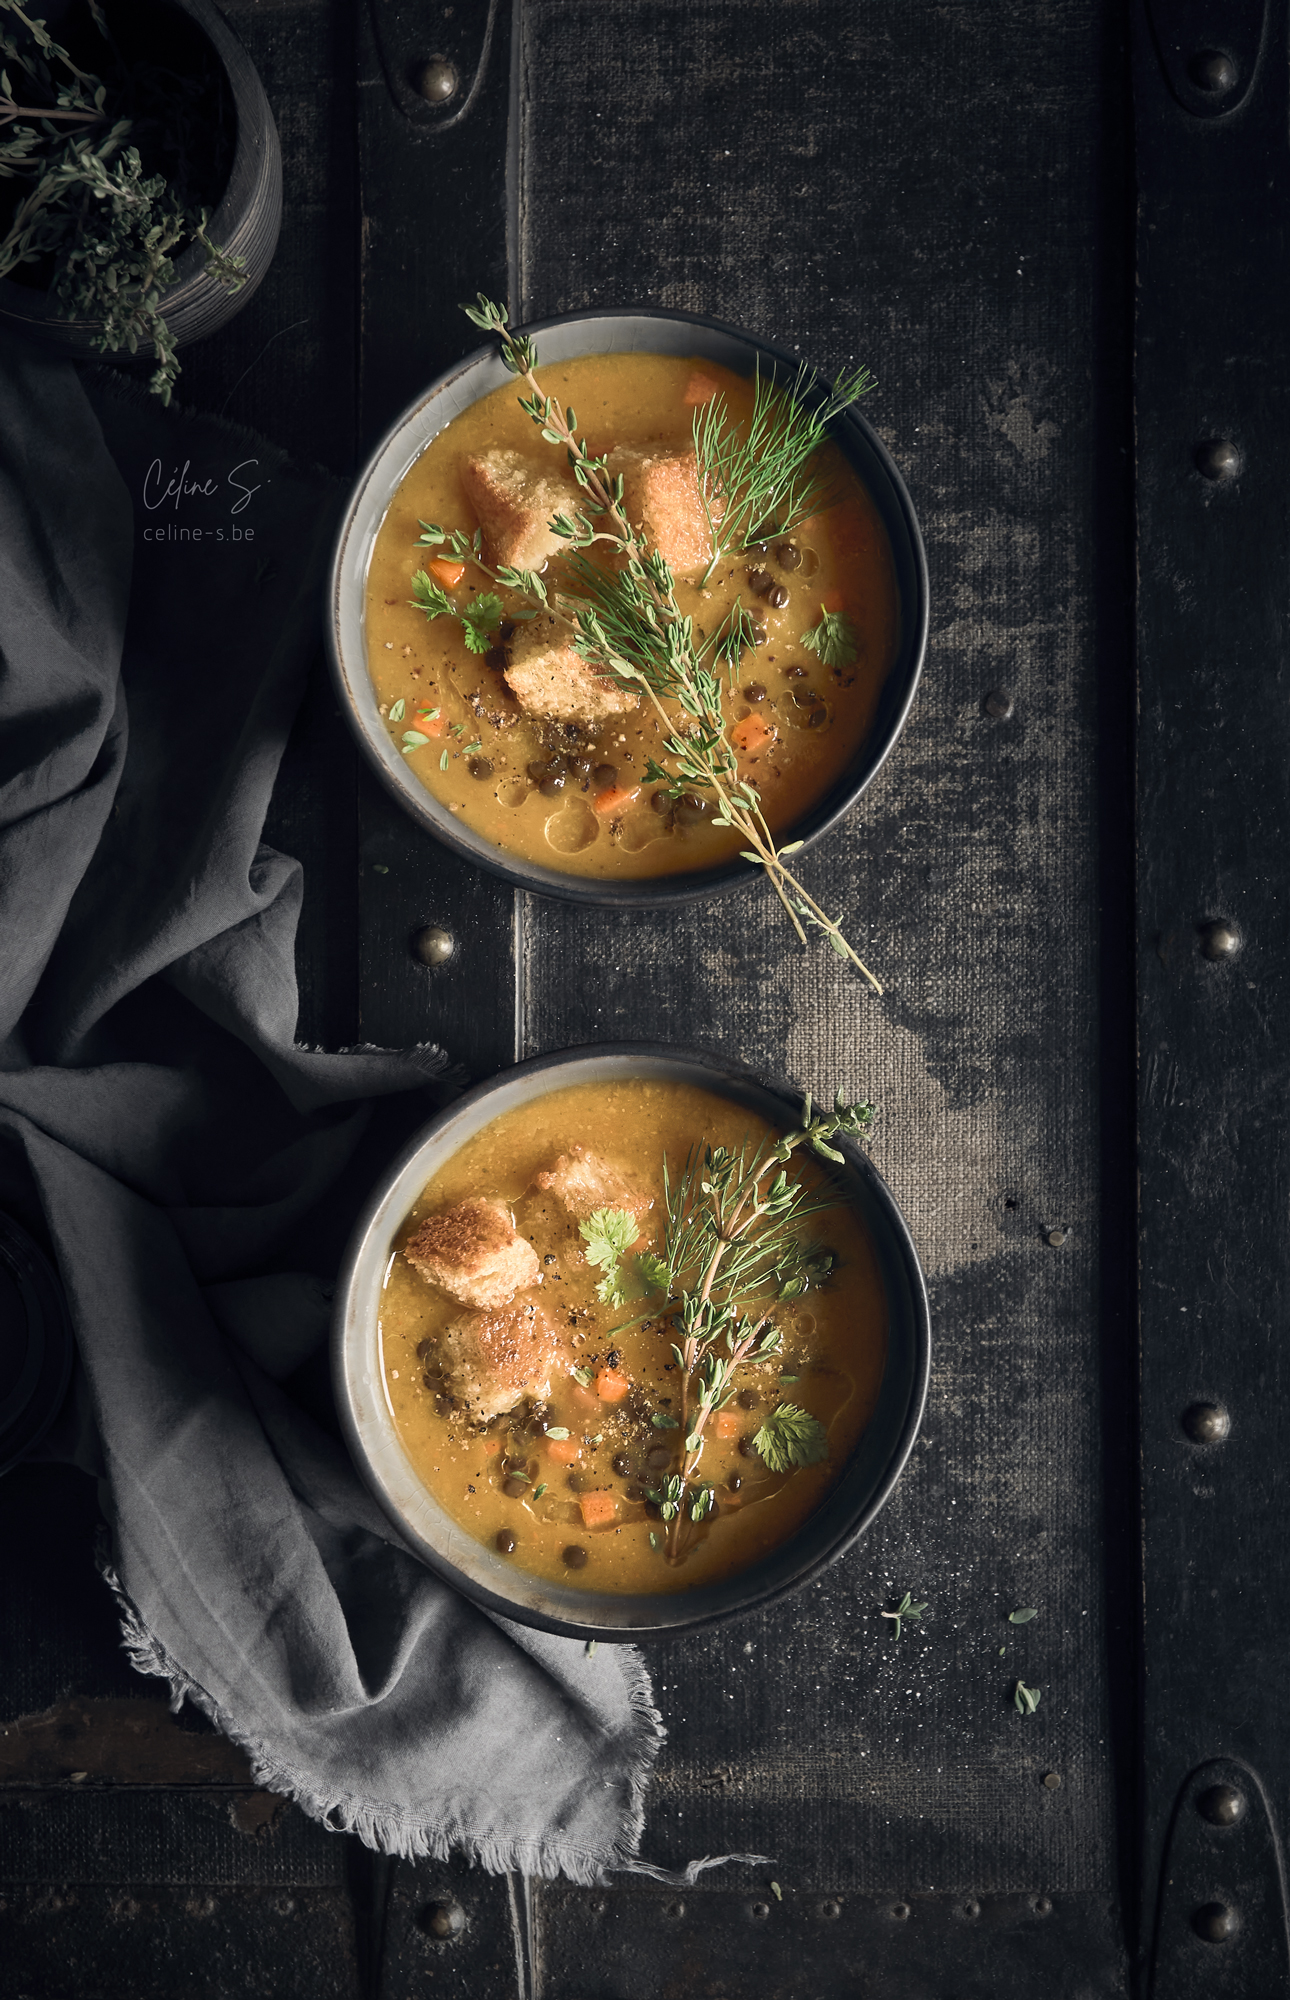 Céline Stiévenard - food photo - photographe et styliste culinaire - photo de soupe potimarron et croûtons - Liège, Belgique